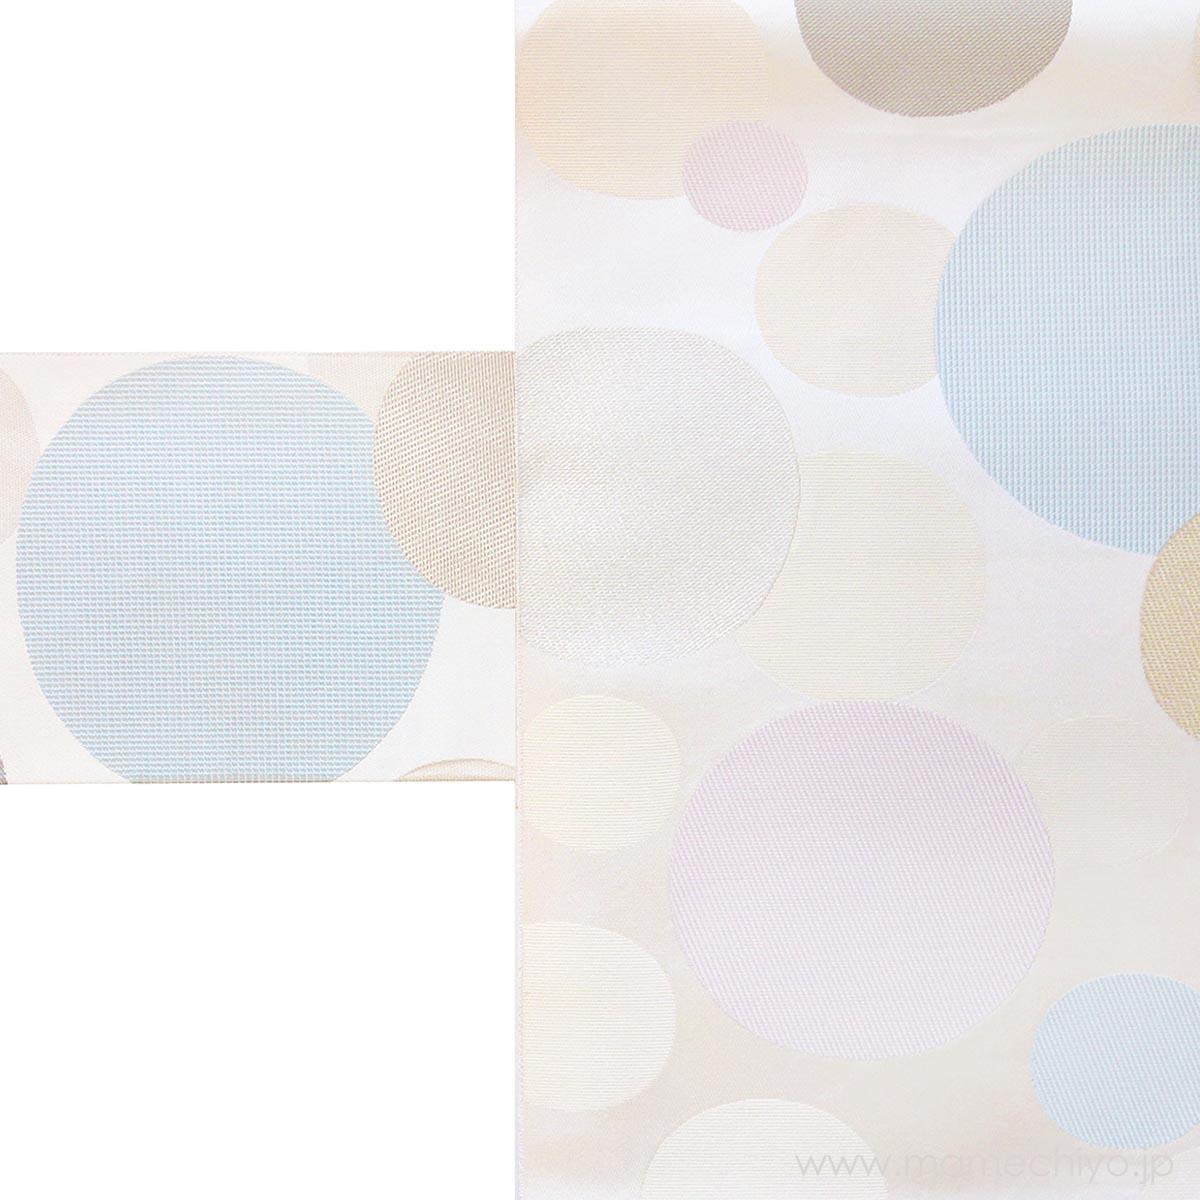 名古屋帯 博多織 水玉 (ホワイトプラネット)